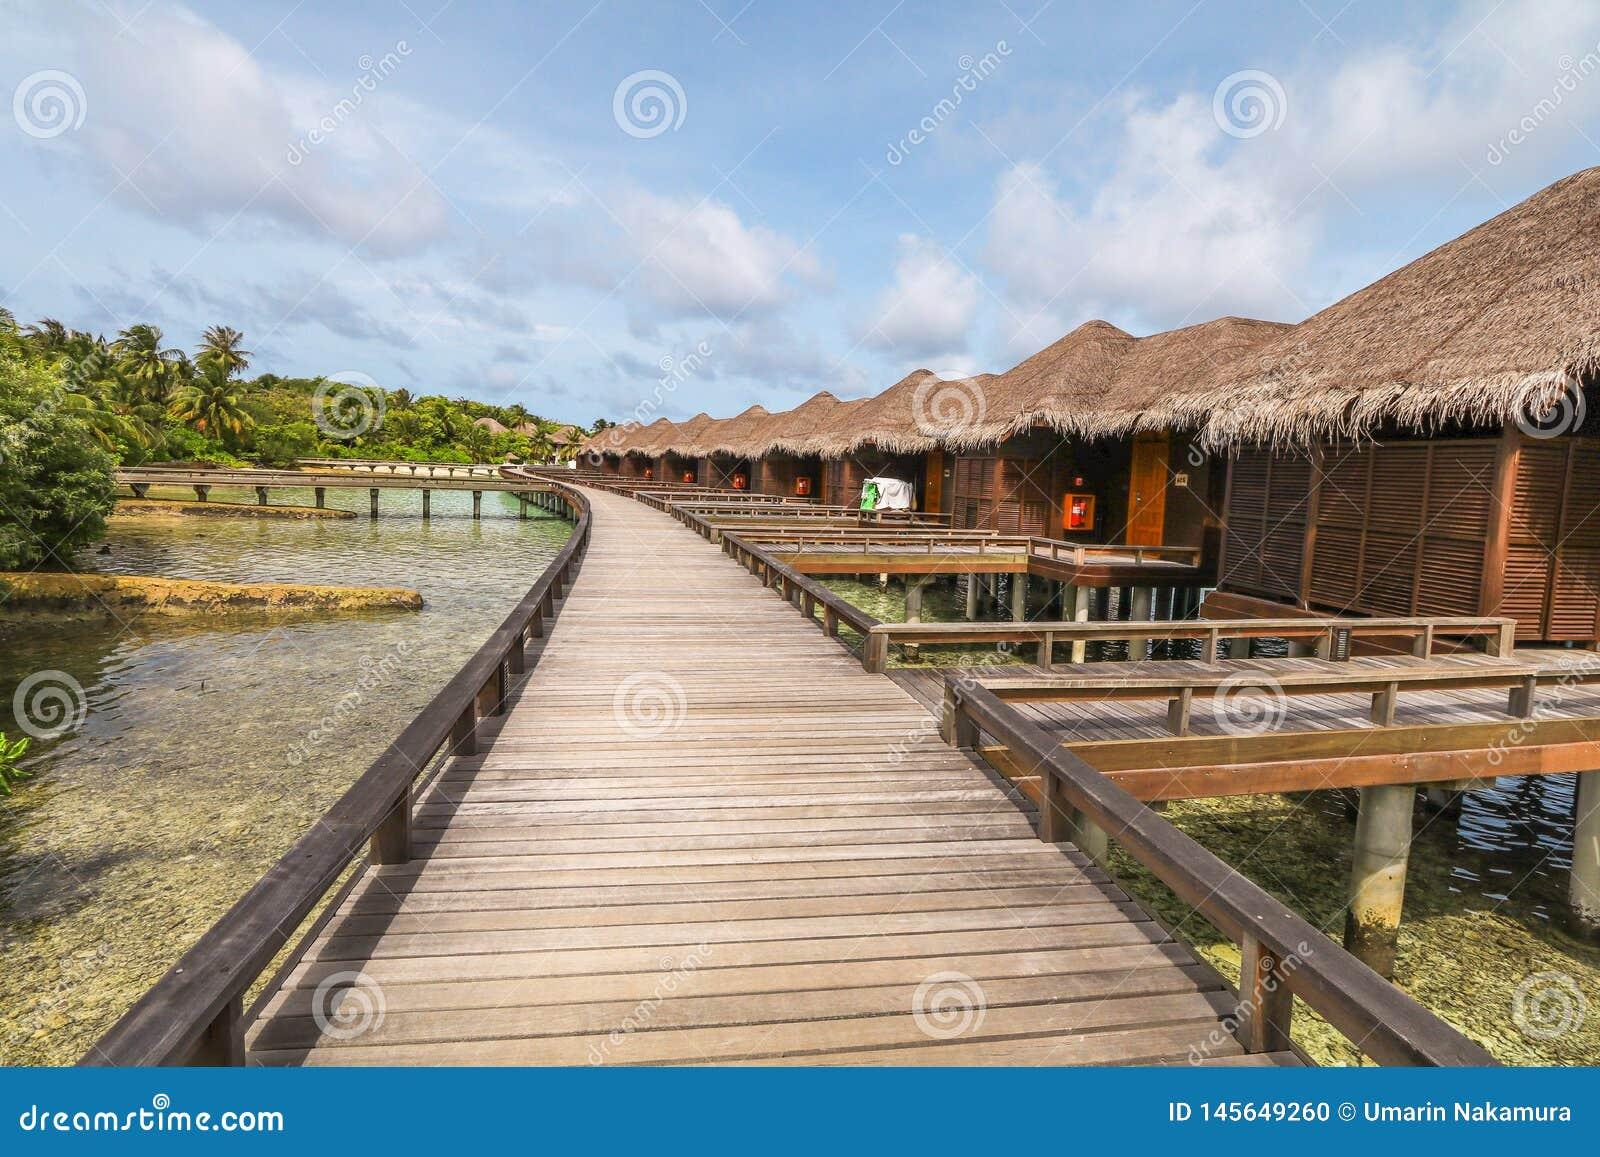 令人惊讶的海岛在马尔代夫、水别墅、木桥和美丽的绿松石水域中有天空蔚蓝背景为假日